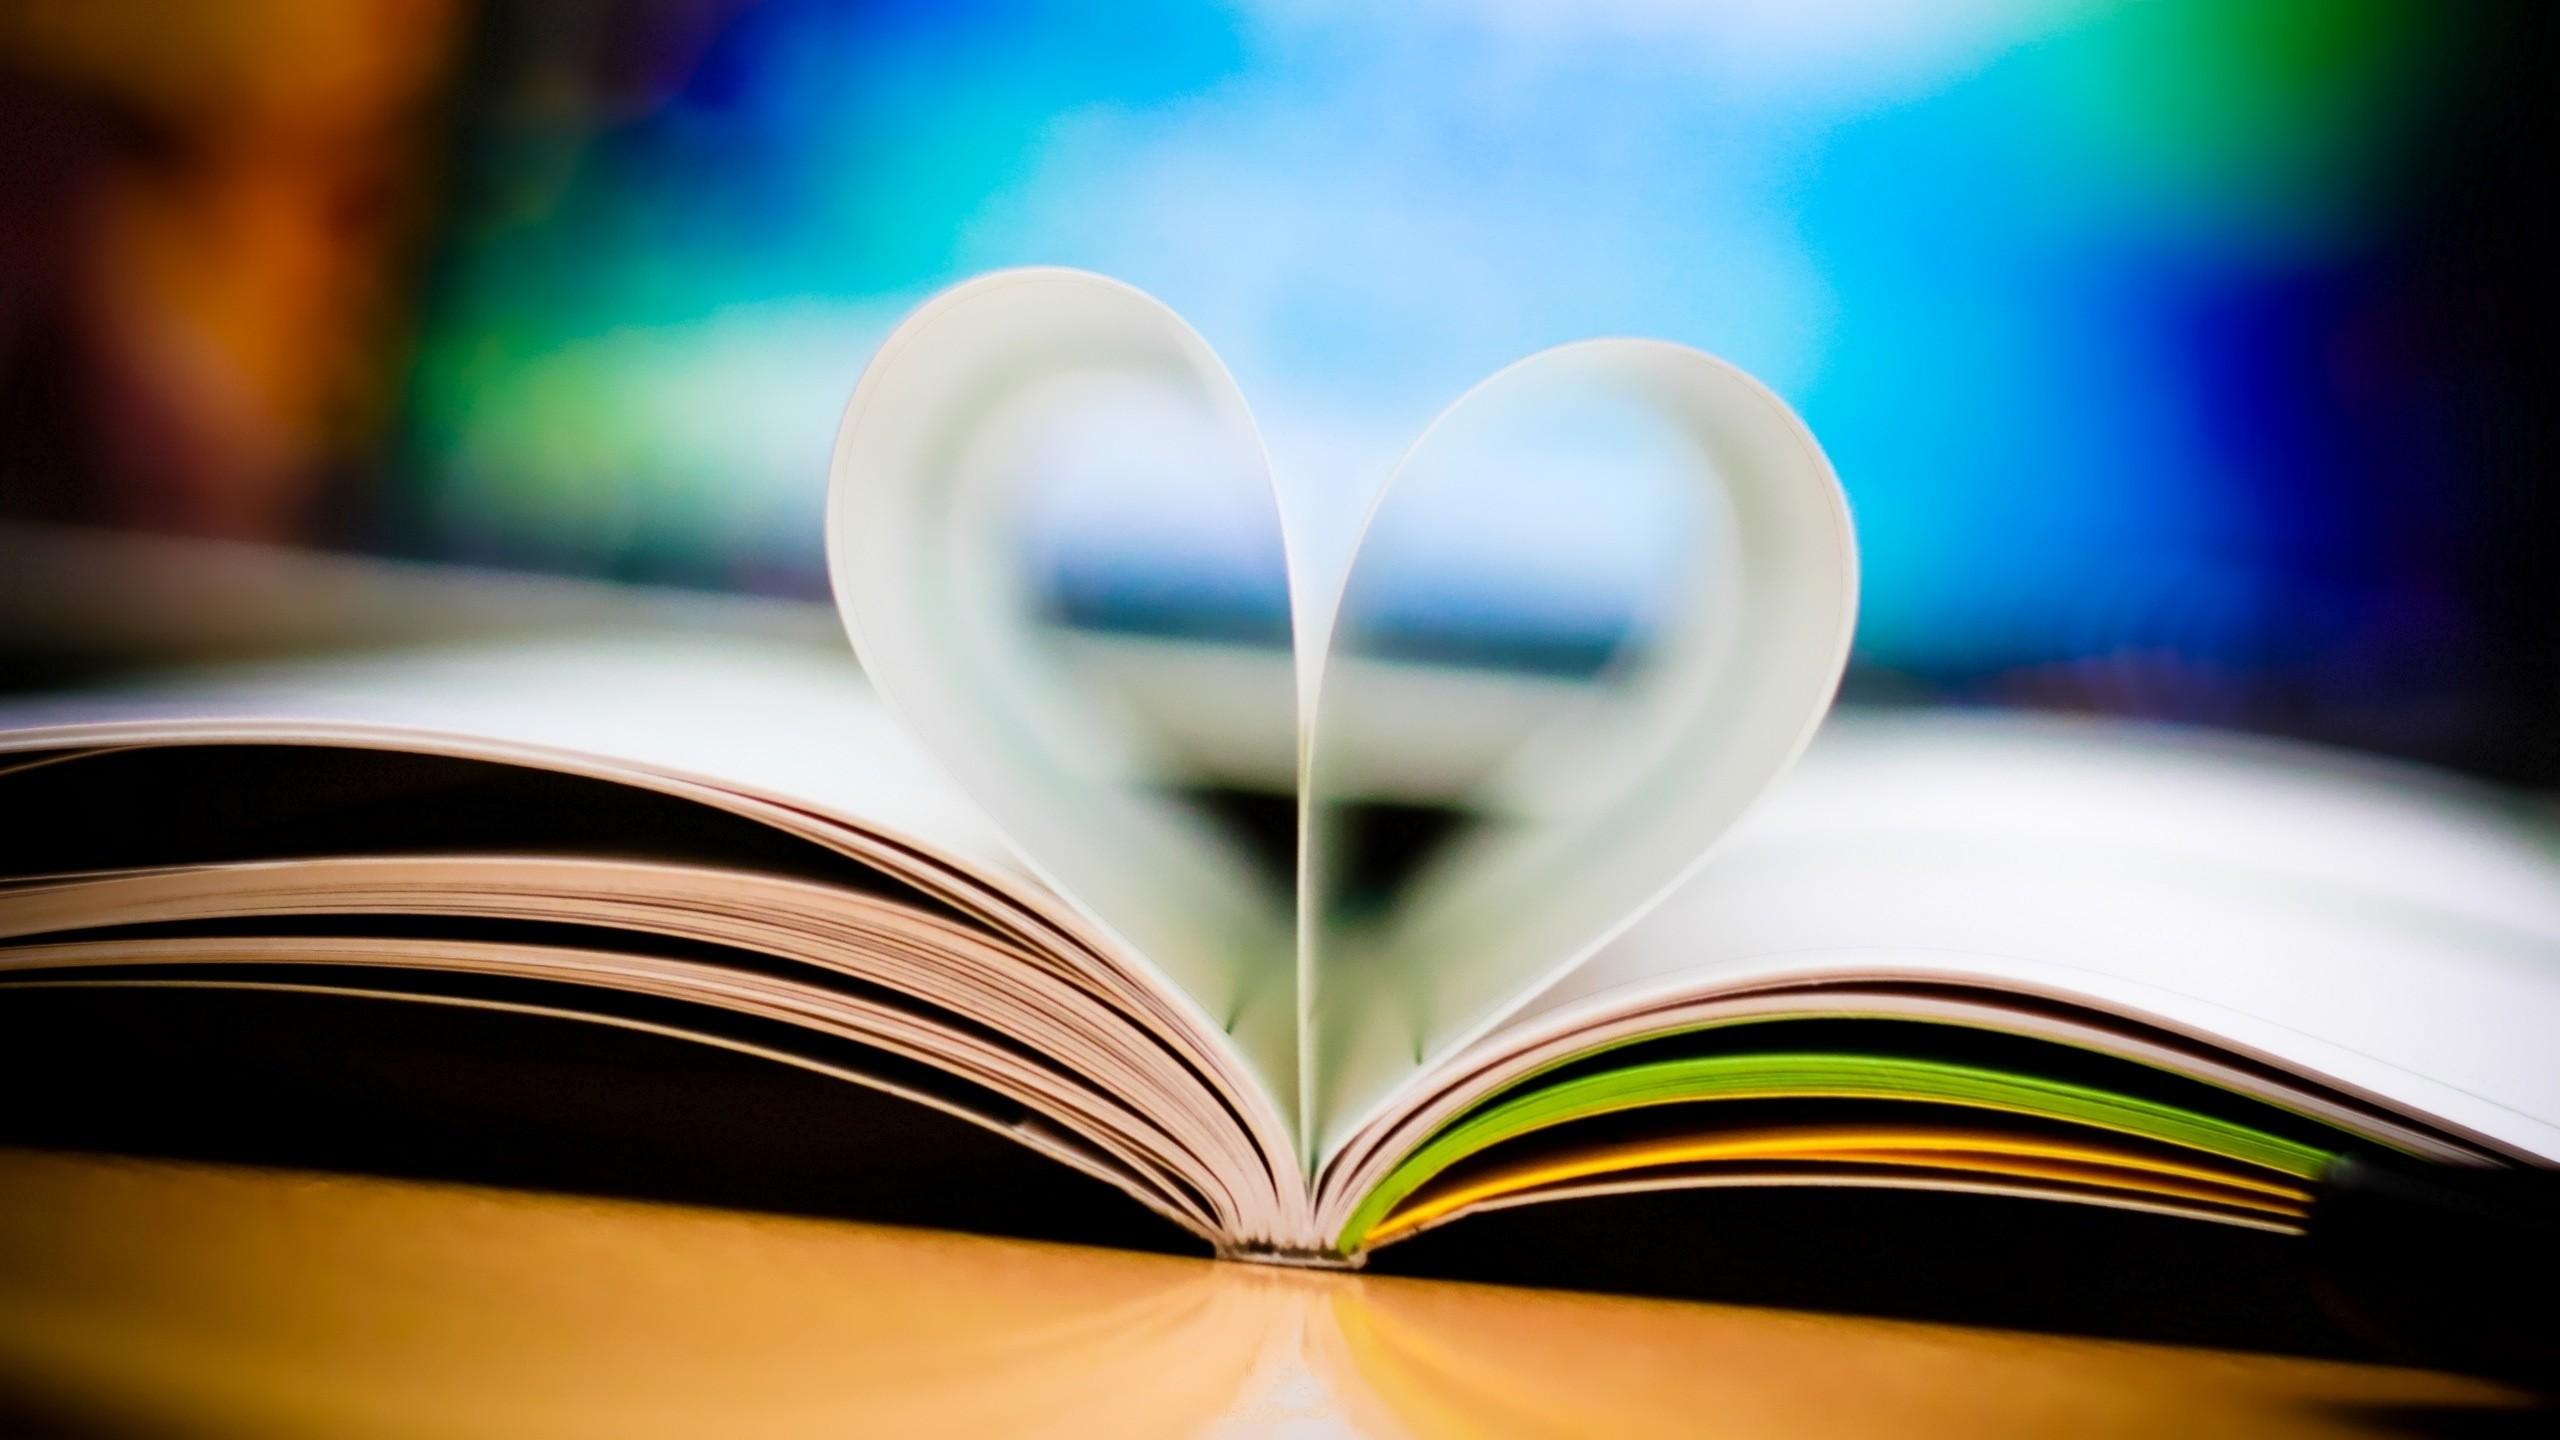 Corazón en hojas - 2560x1440